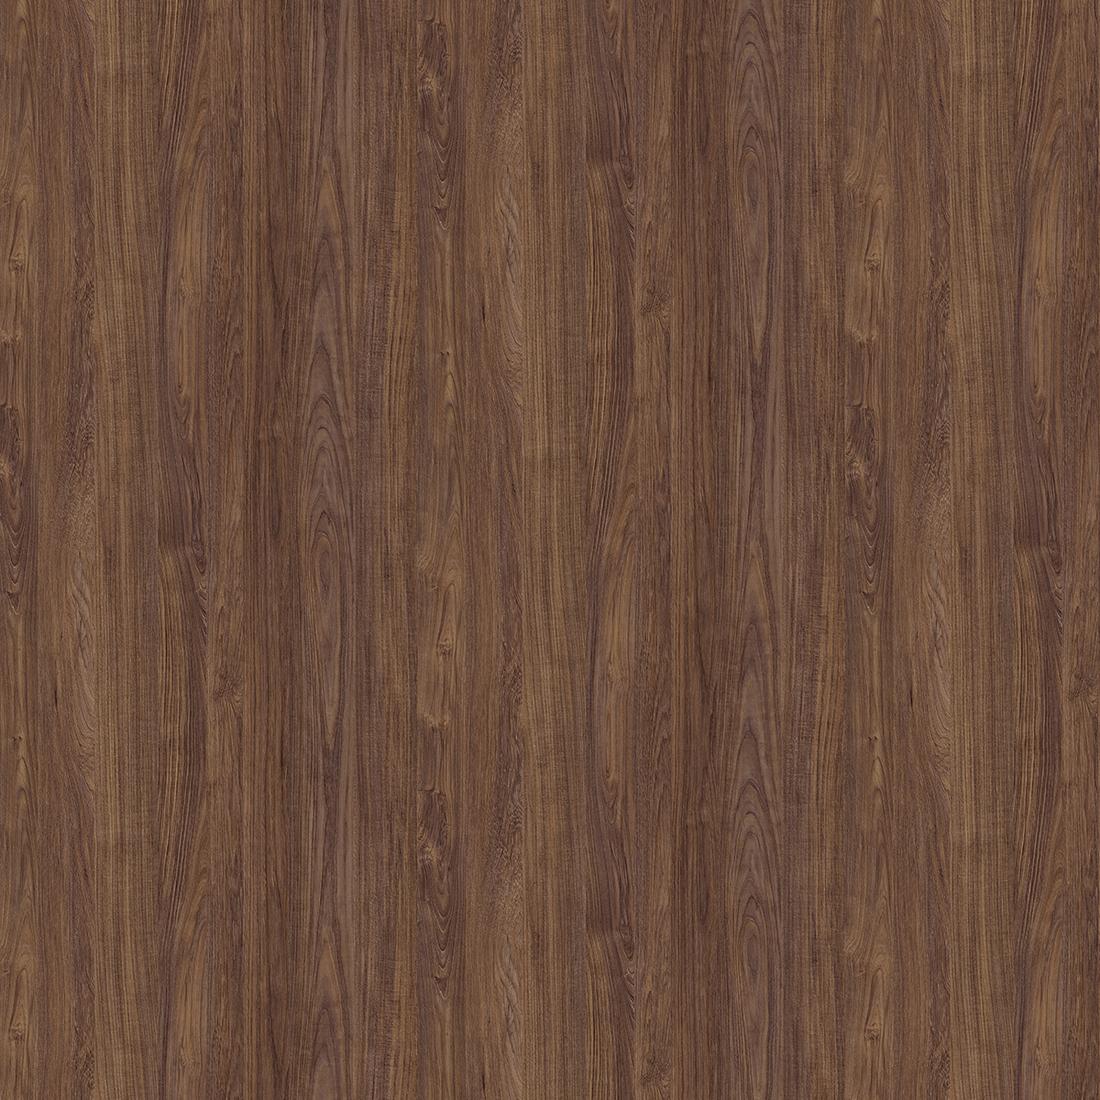 морское дерево винтаж K015PW (1)